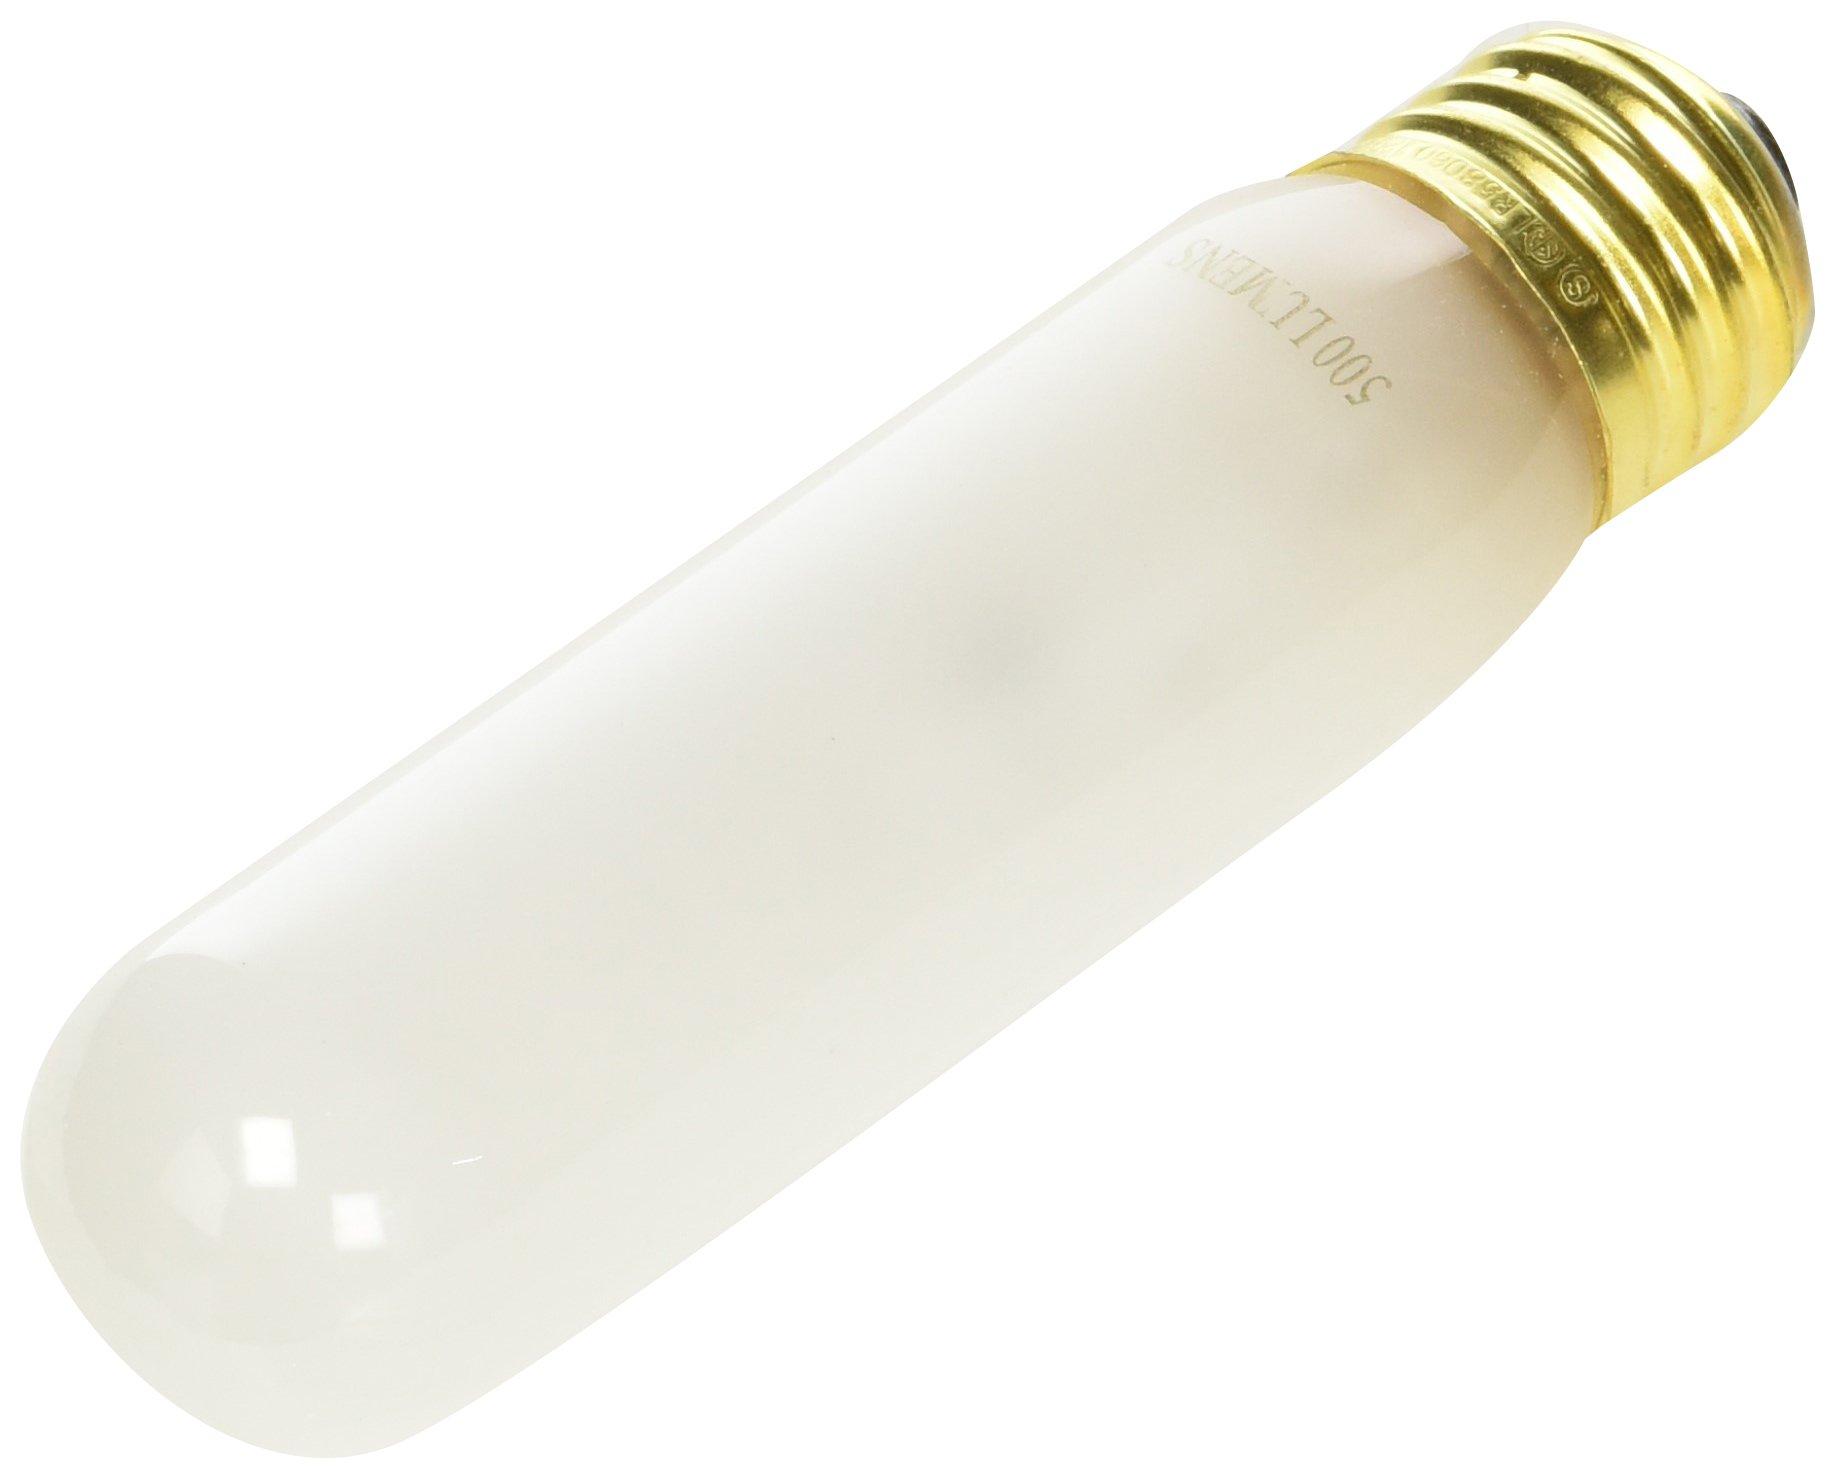 Satco S3899 5-Pack 120-Volt 60-Watt T10 Medium Base Light Bulb, Frosted